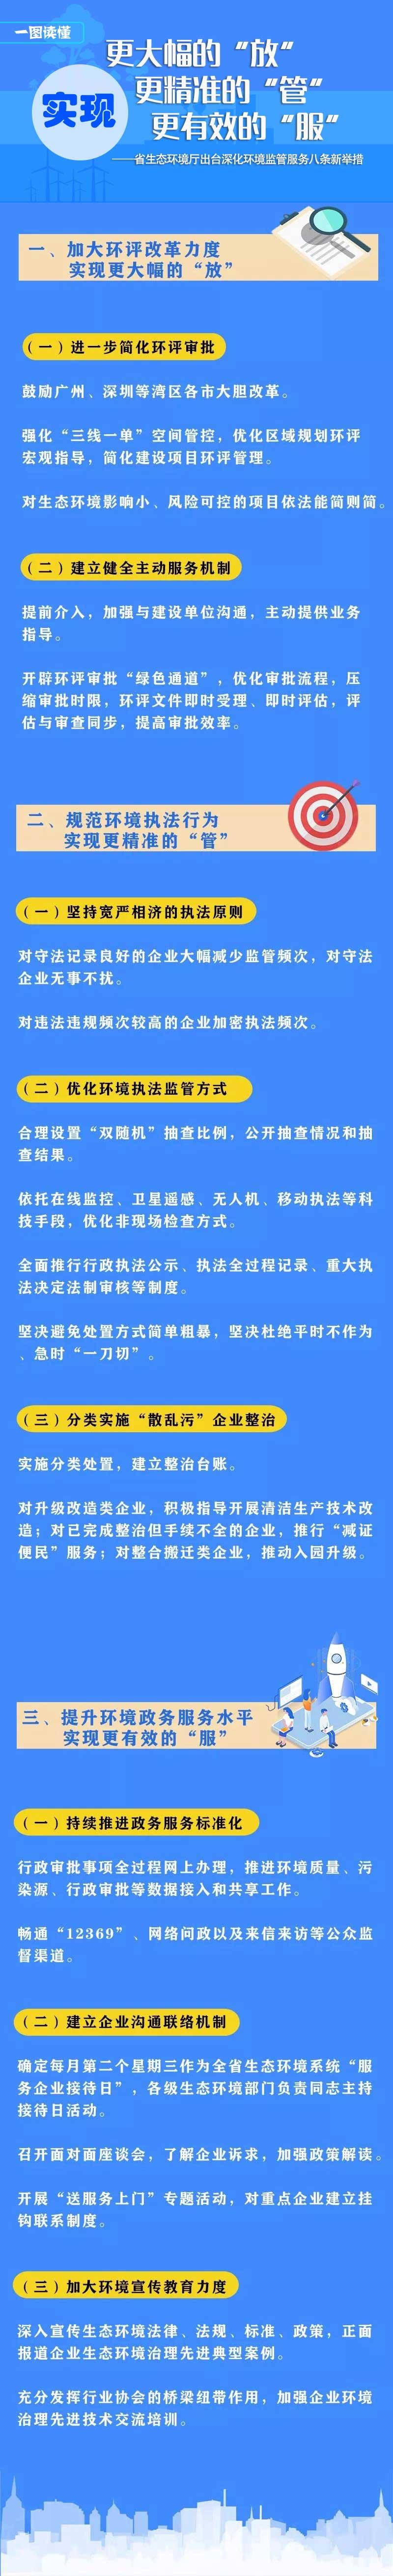 建研环境监测 广东省生态环境厅